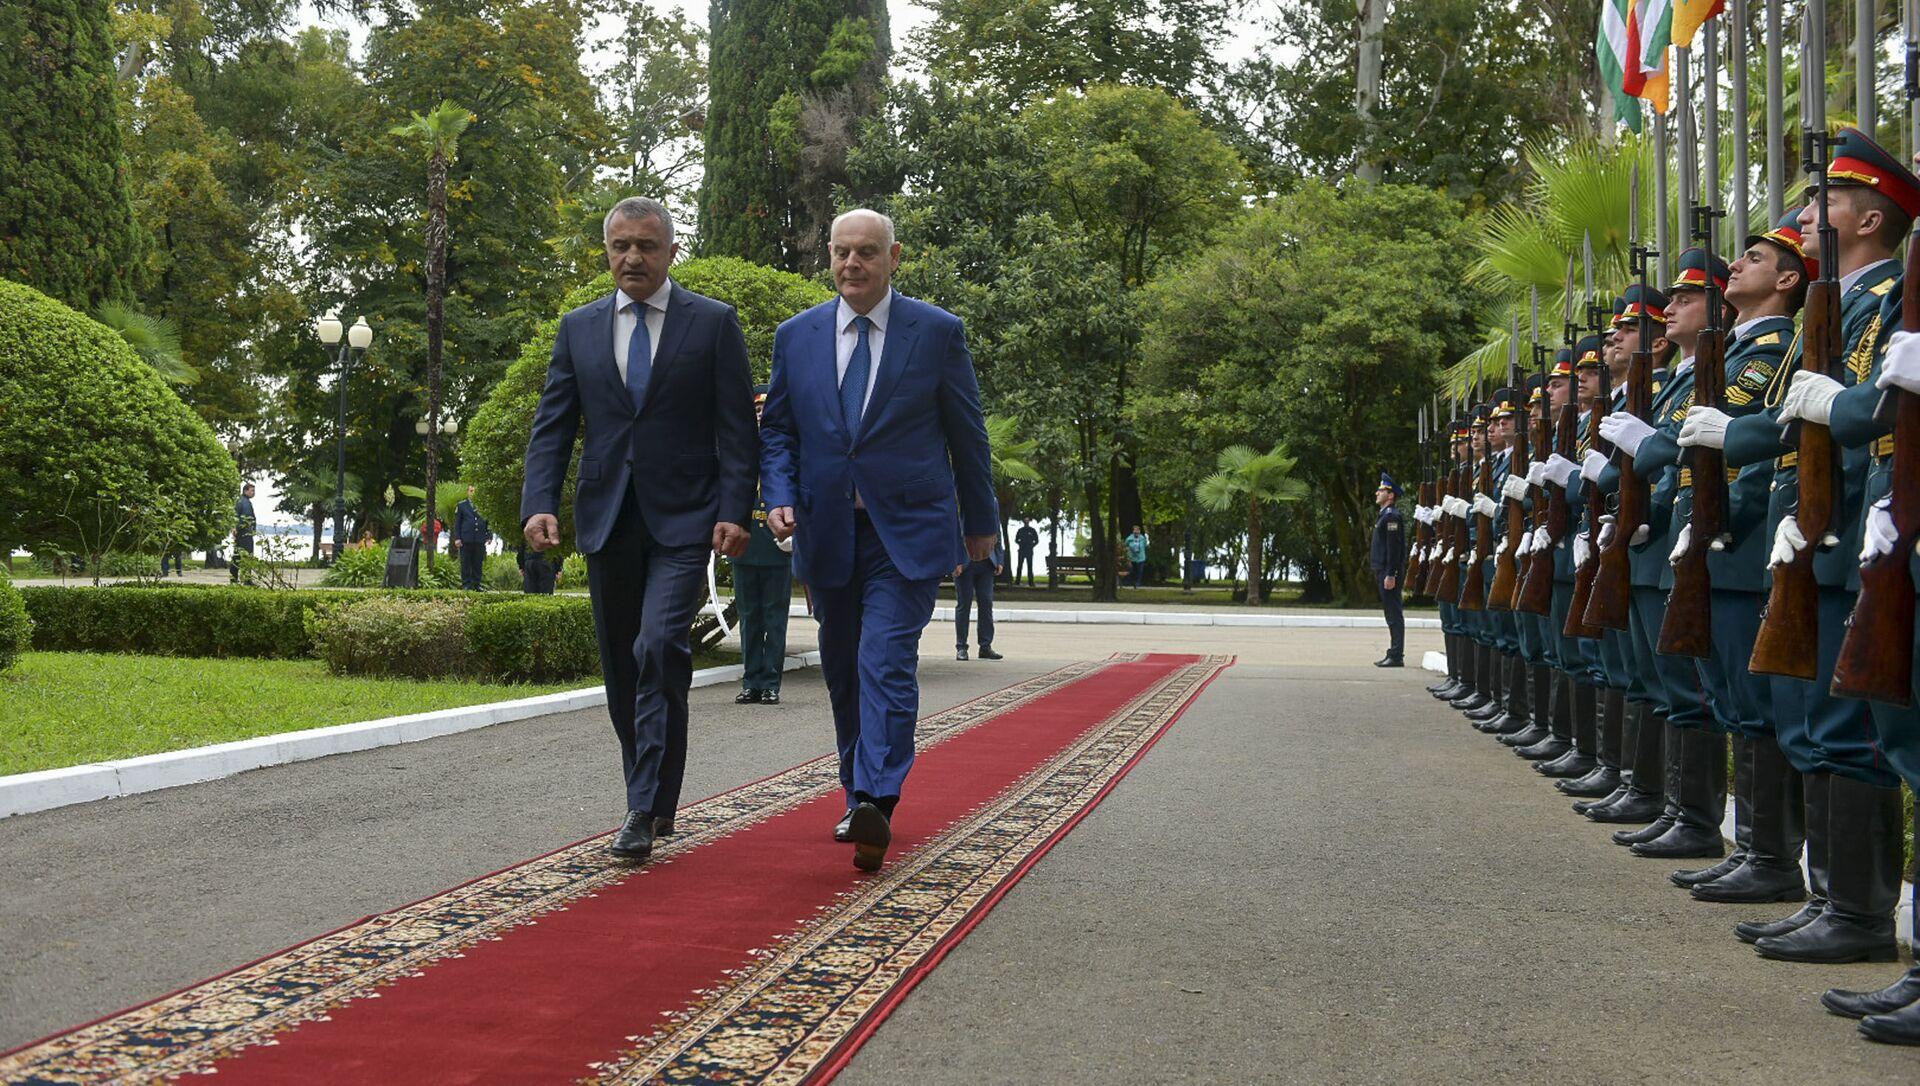 Делегация представителей правительства Южной Осетии во главе с президентом Анатолием Бибиловым прибыла в Абхазию  - Sputnik Аҧсны, 1920, 30.09.2021